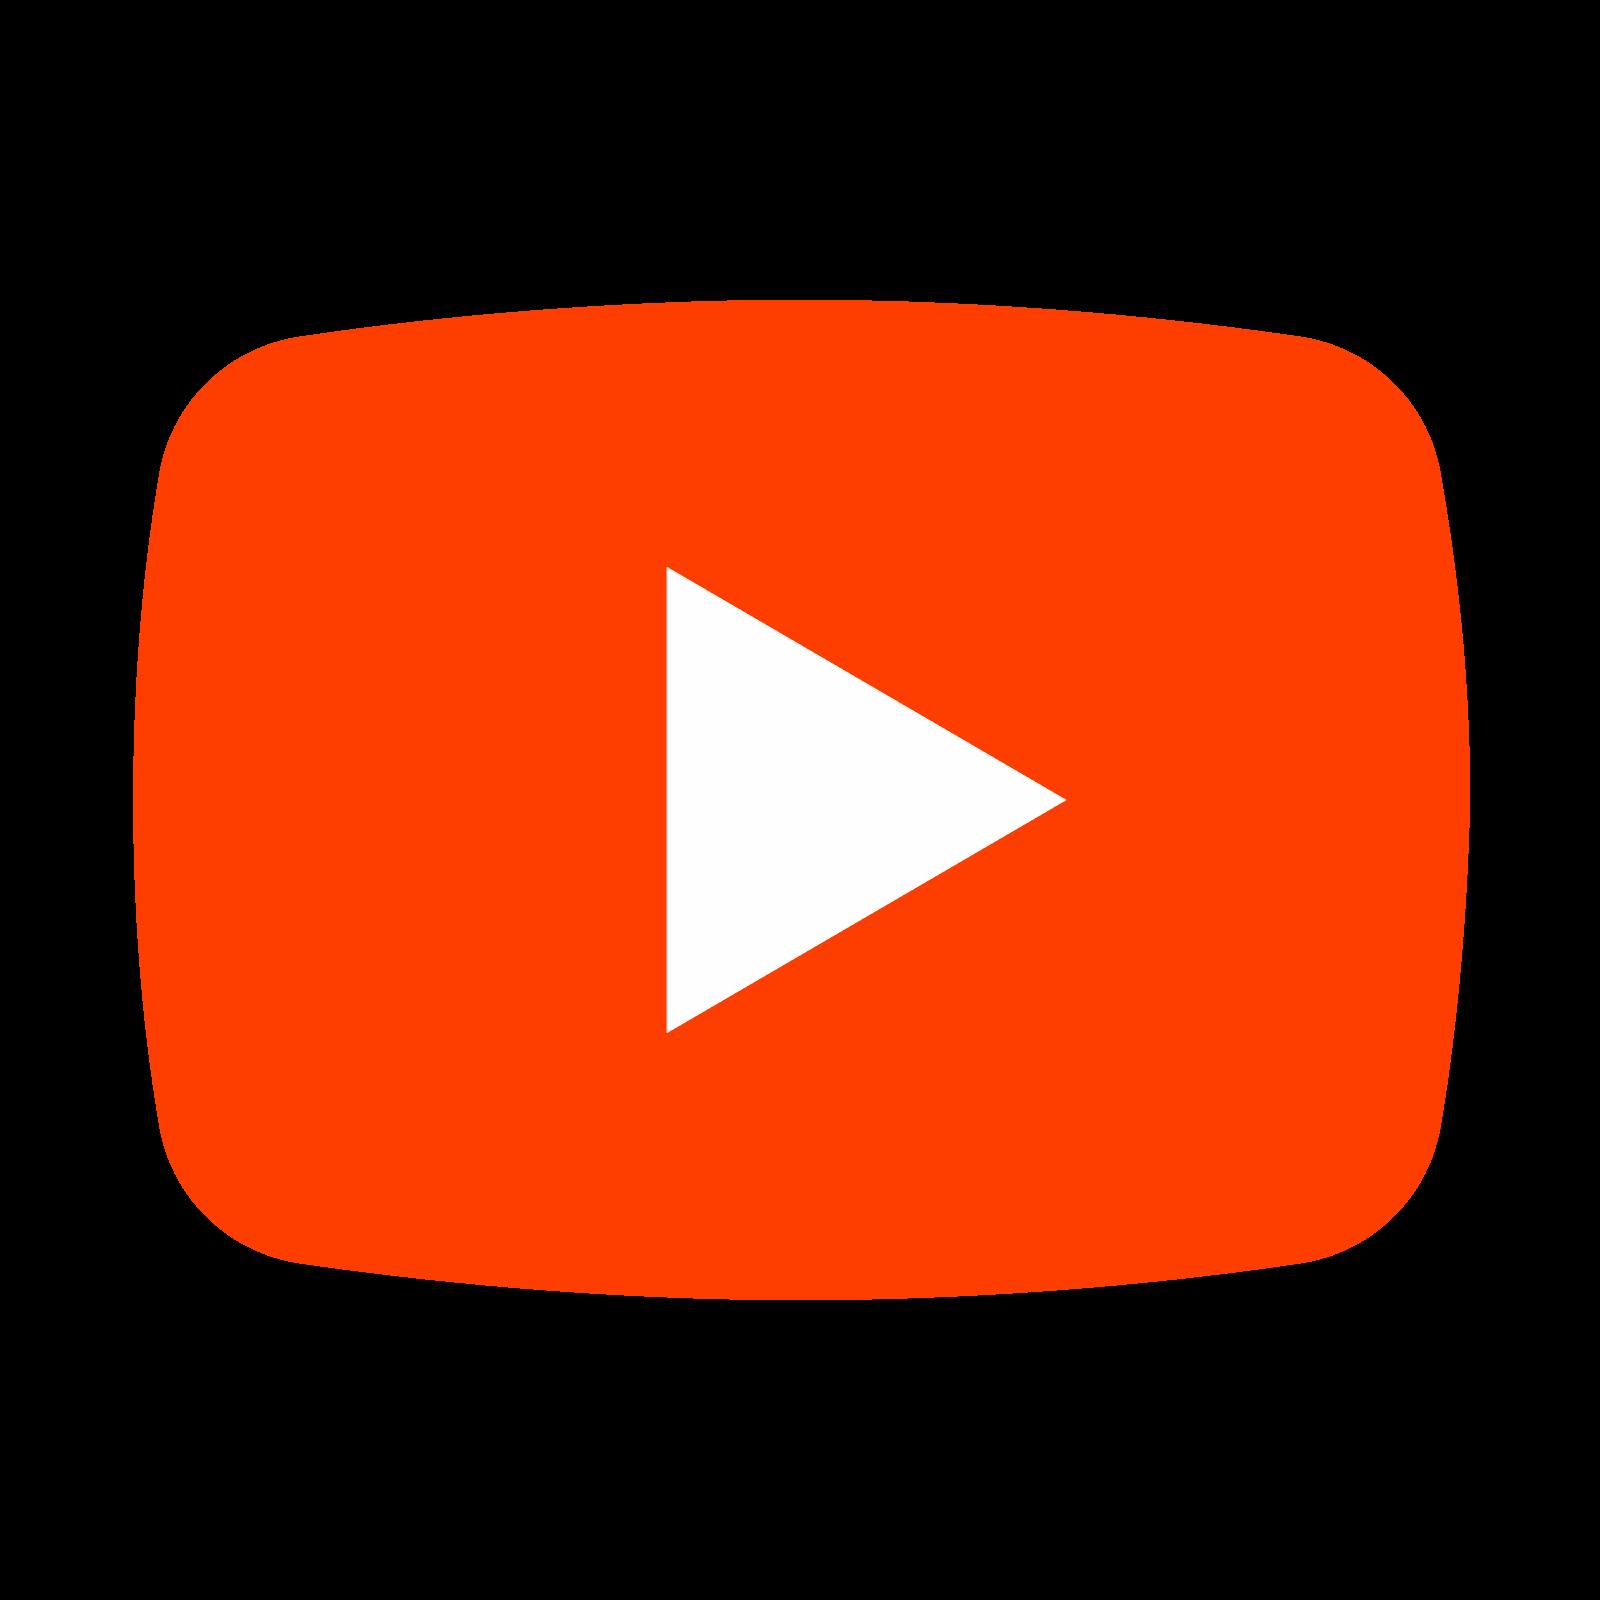 Home - Fundación Zeberio - YouTube Play Button Template